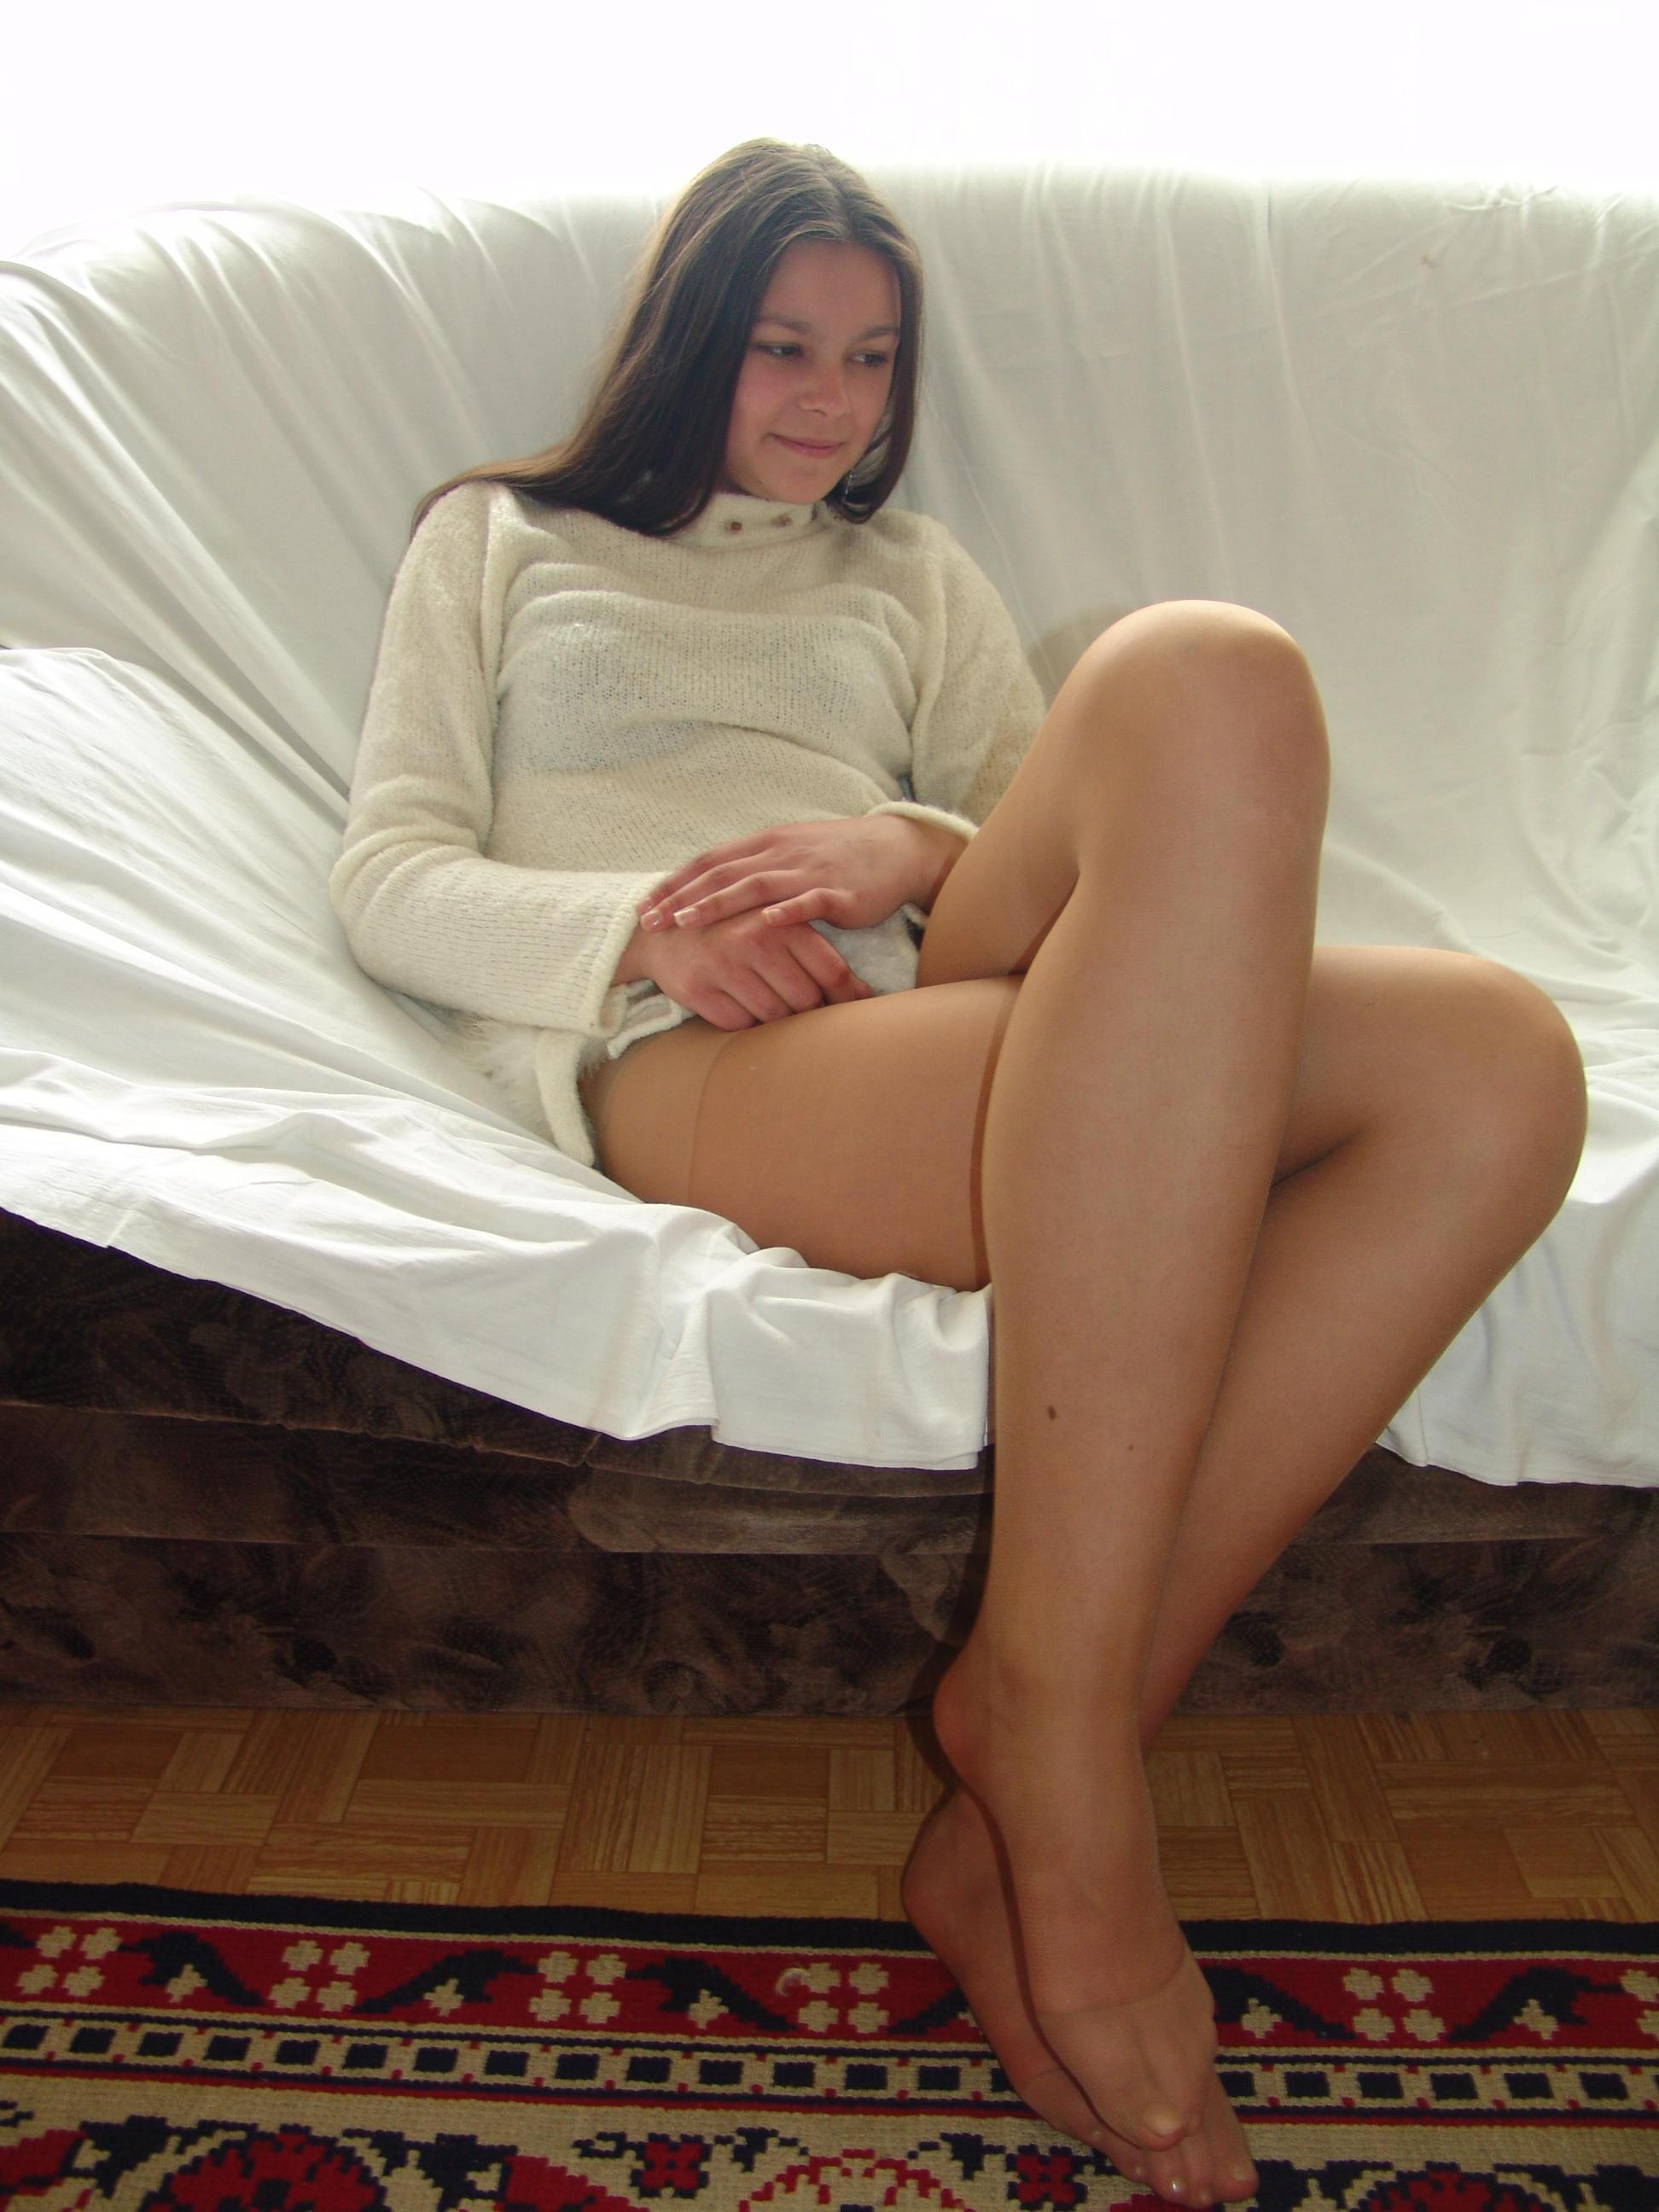 cutie in tights porn